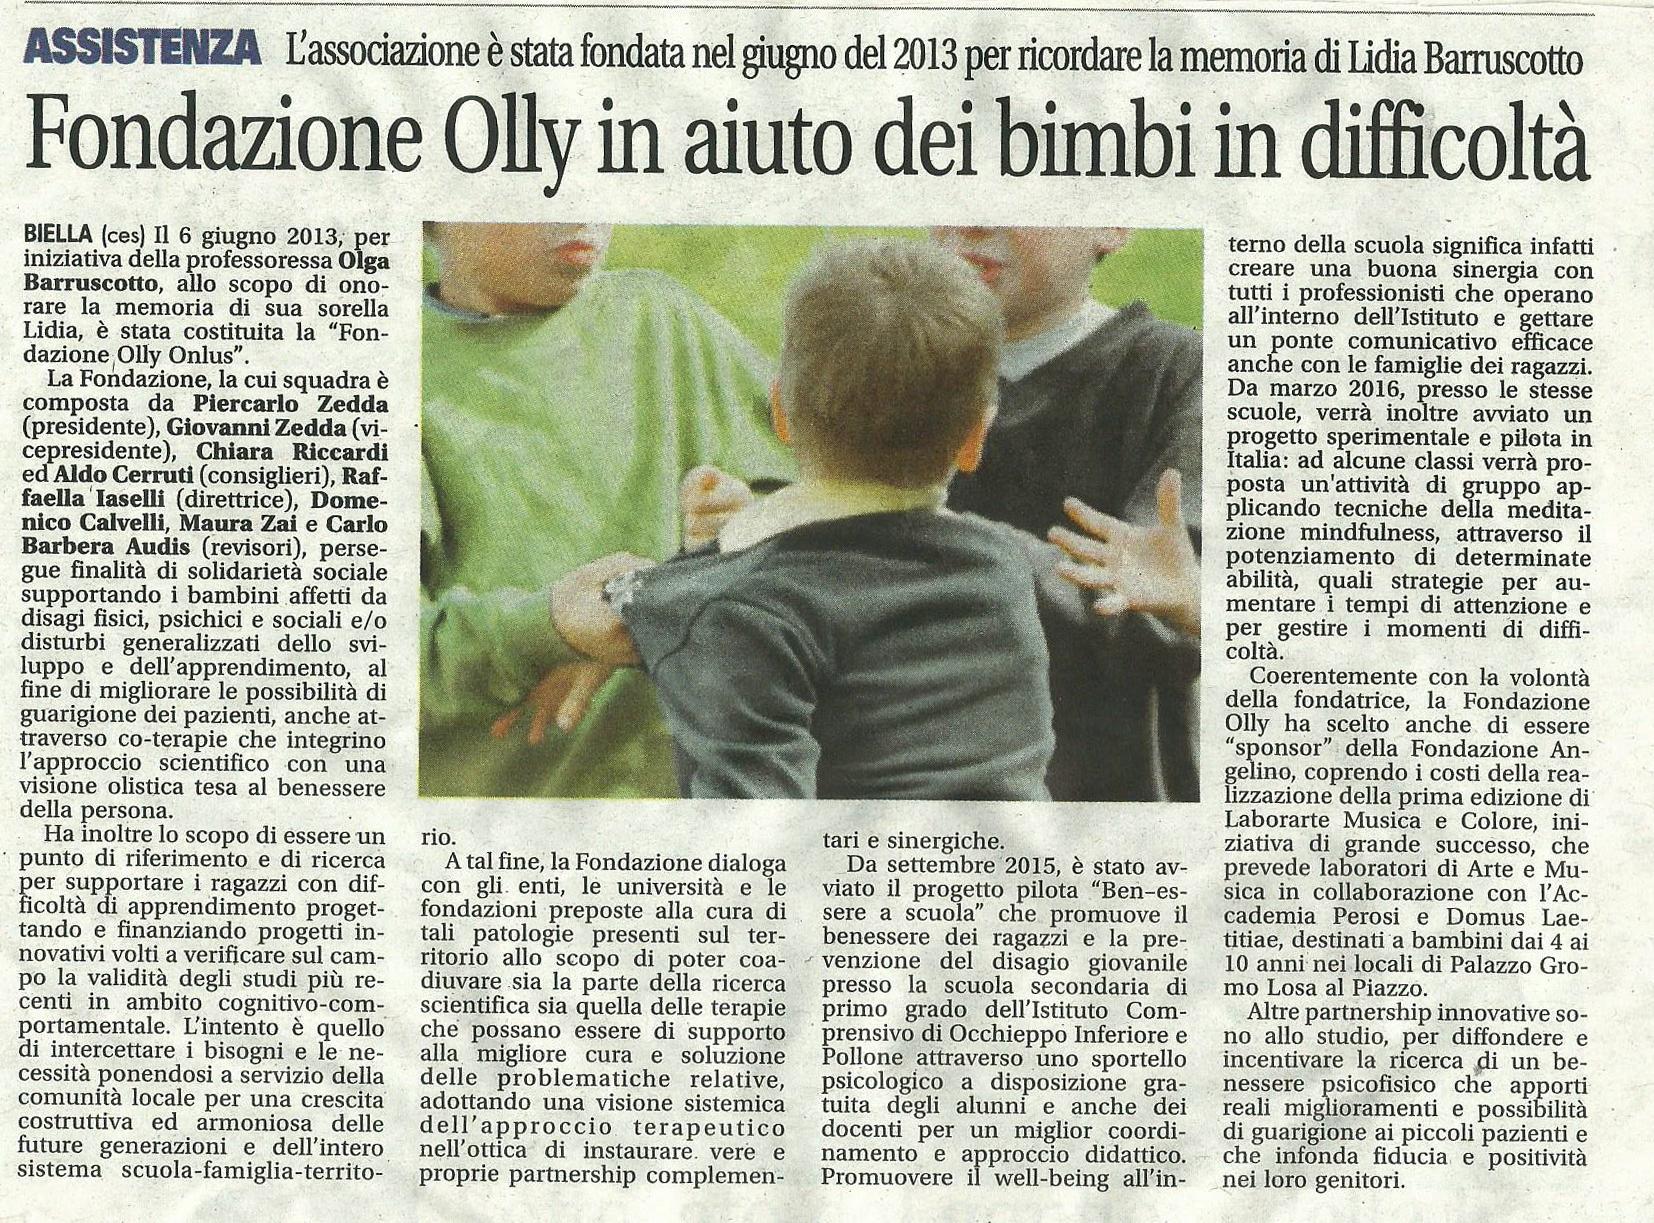 Articolo La Nuova Provincia di Biella 10.02.'16